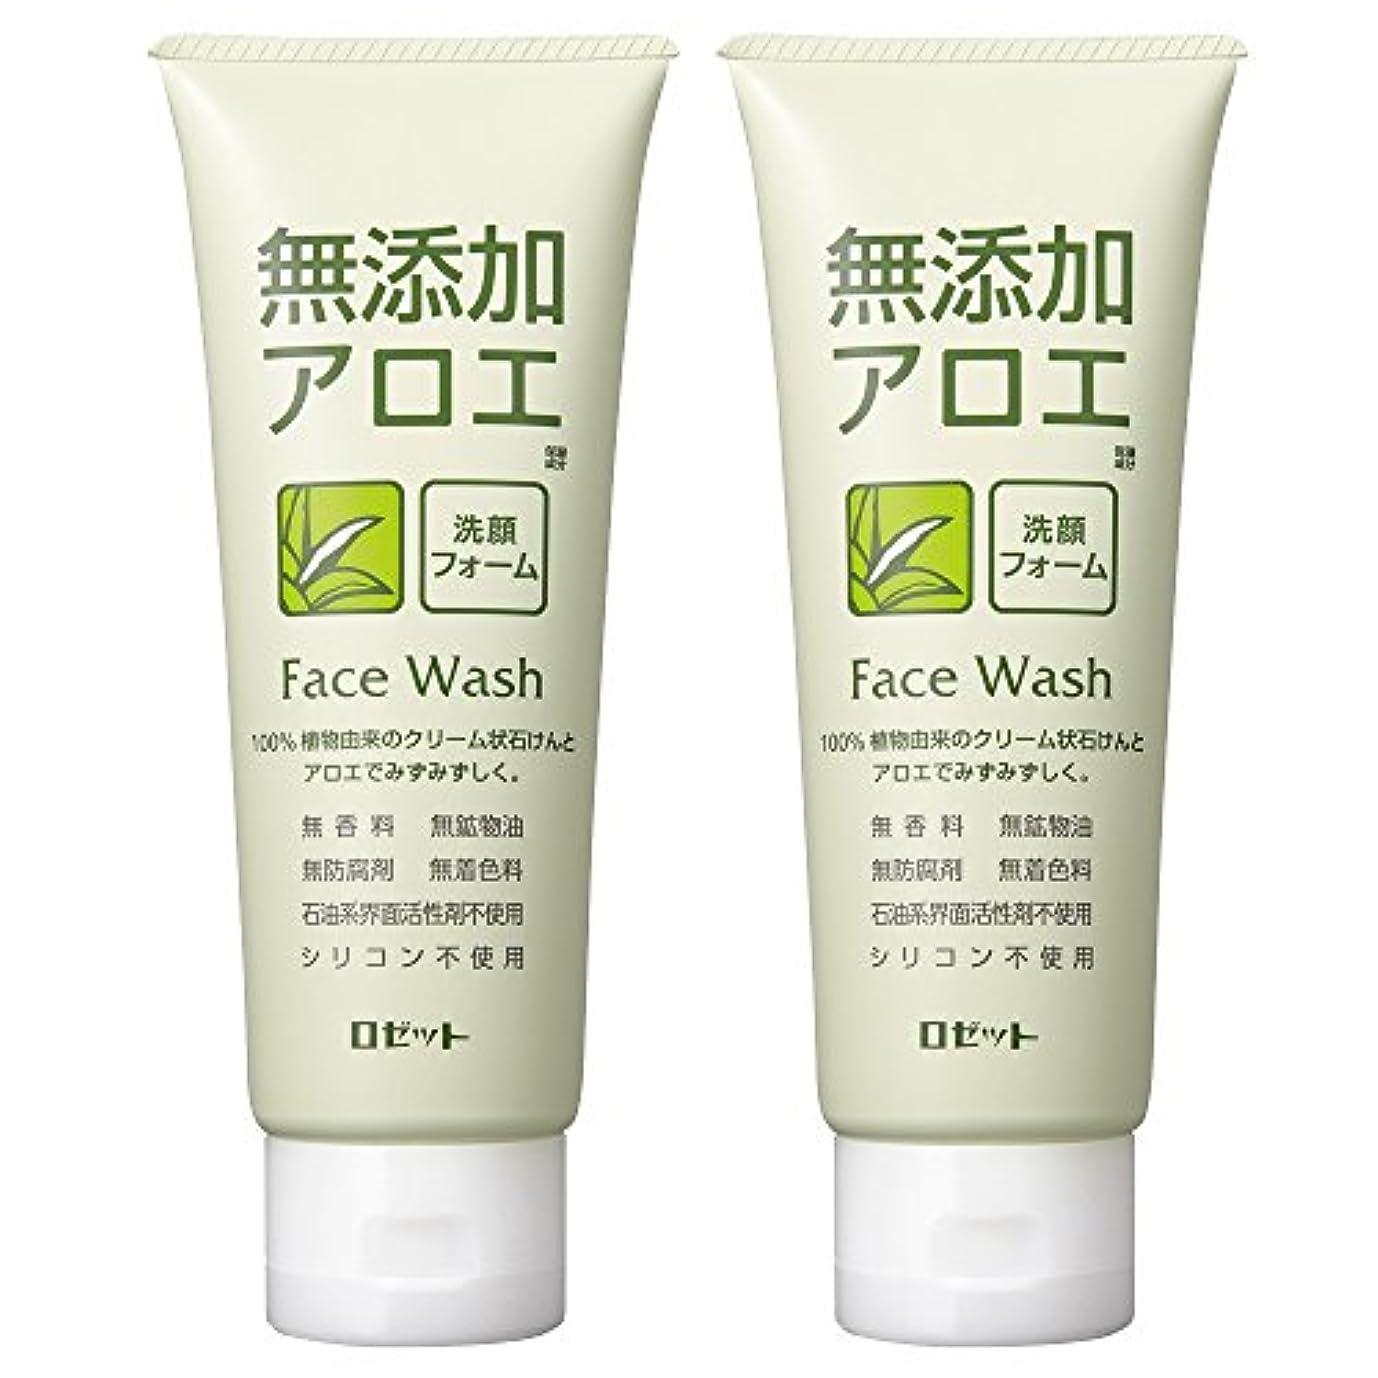 だますオーバードローカウントロゼット 無添加アロエ 洗顔フォーム 140g×2個パック AZ